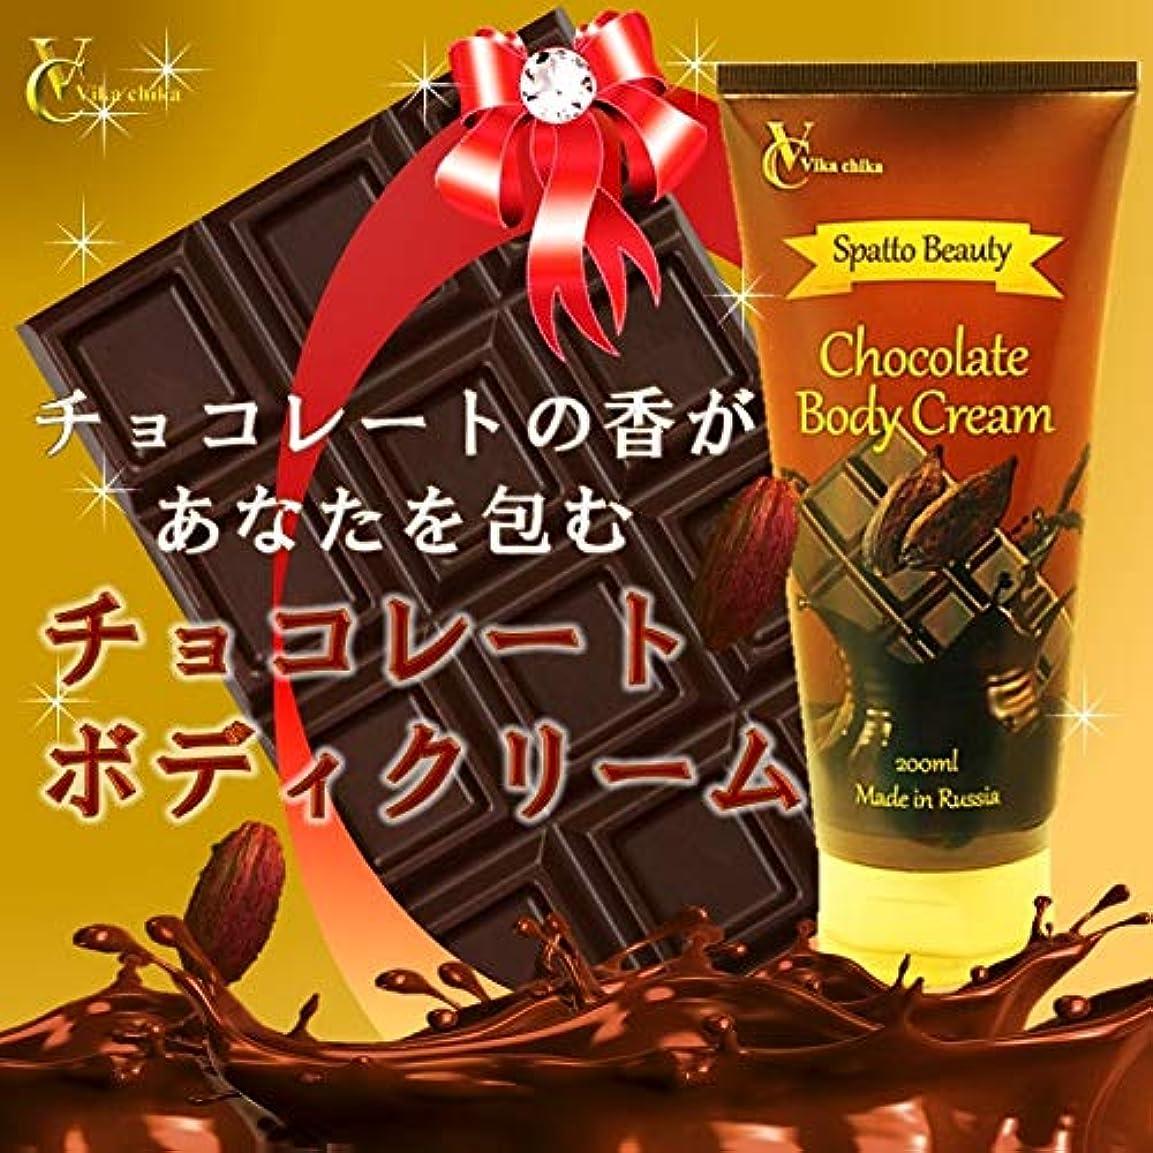 ピービッシュ目に見えるエアコンビッカチカ スパッと ビューティ チョコレートボディクリーム 200ml